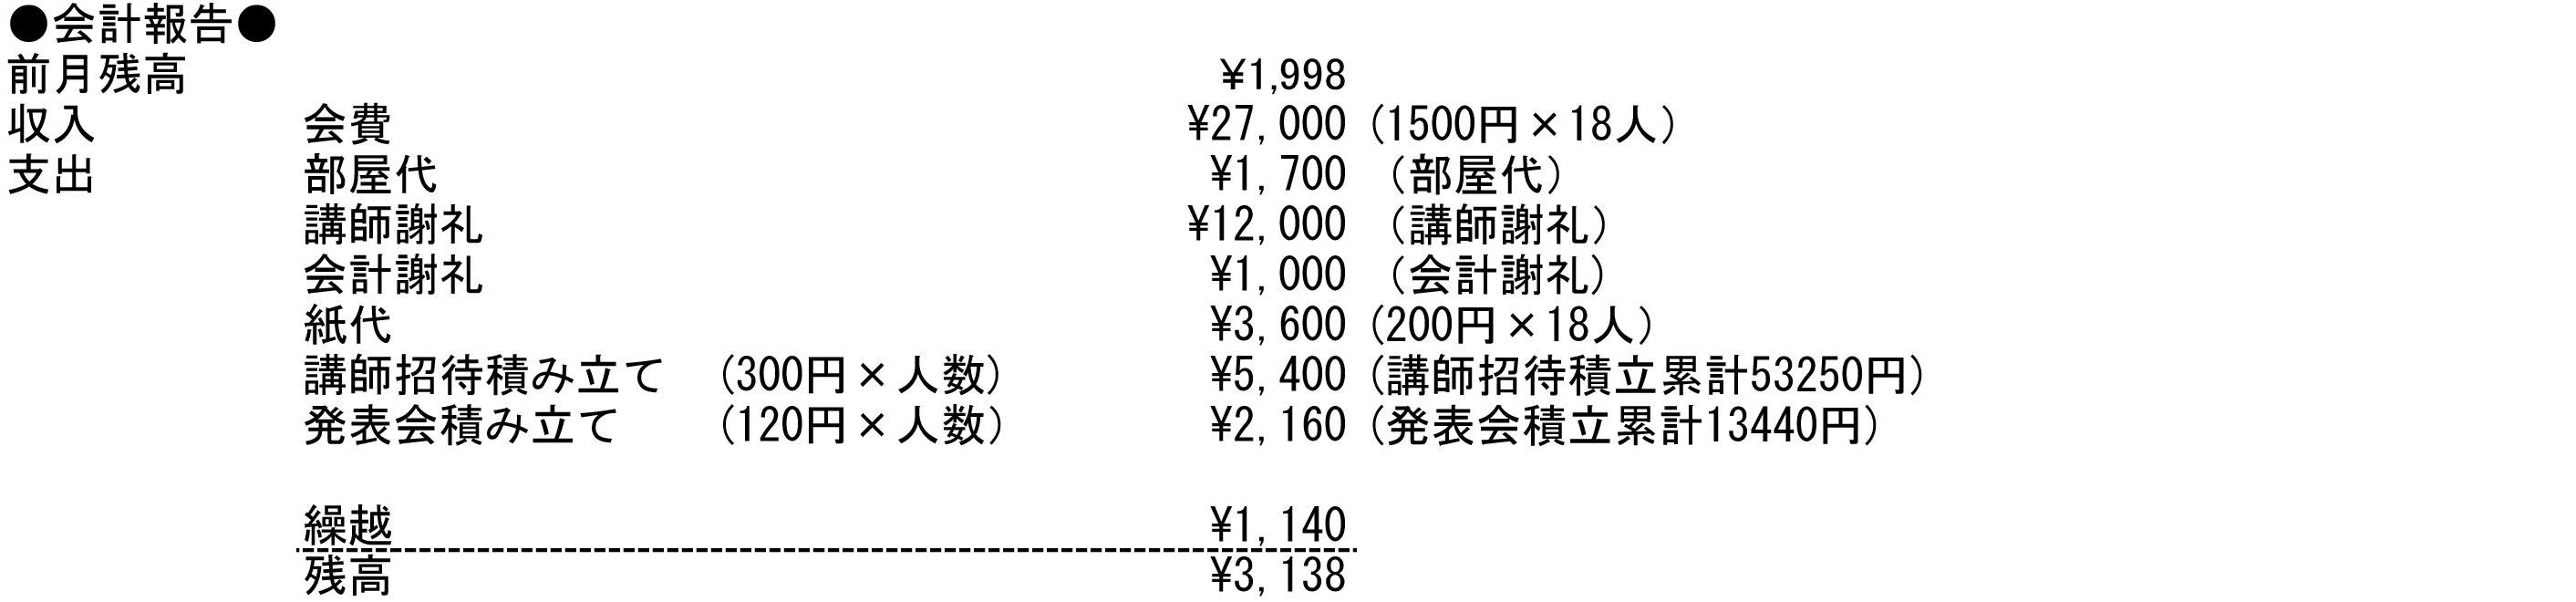 折り紙建築士養成講座8月分会計報告